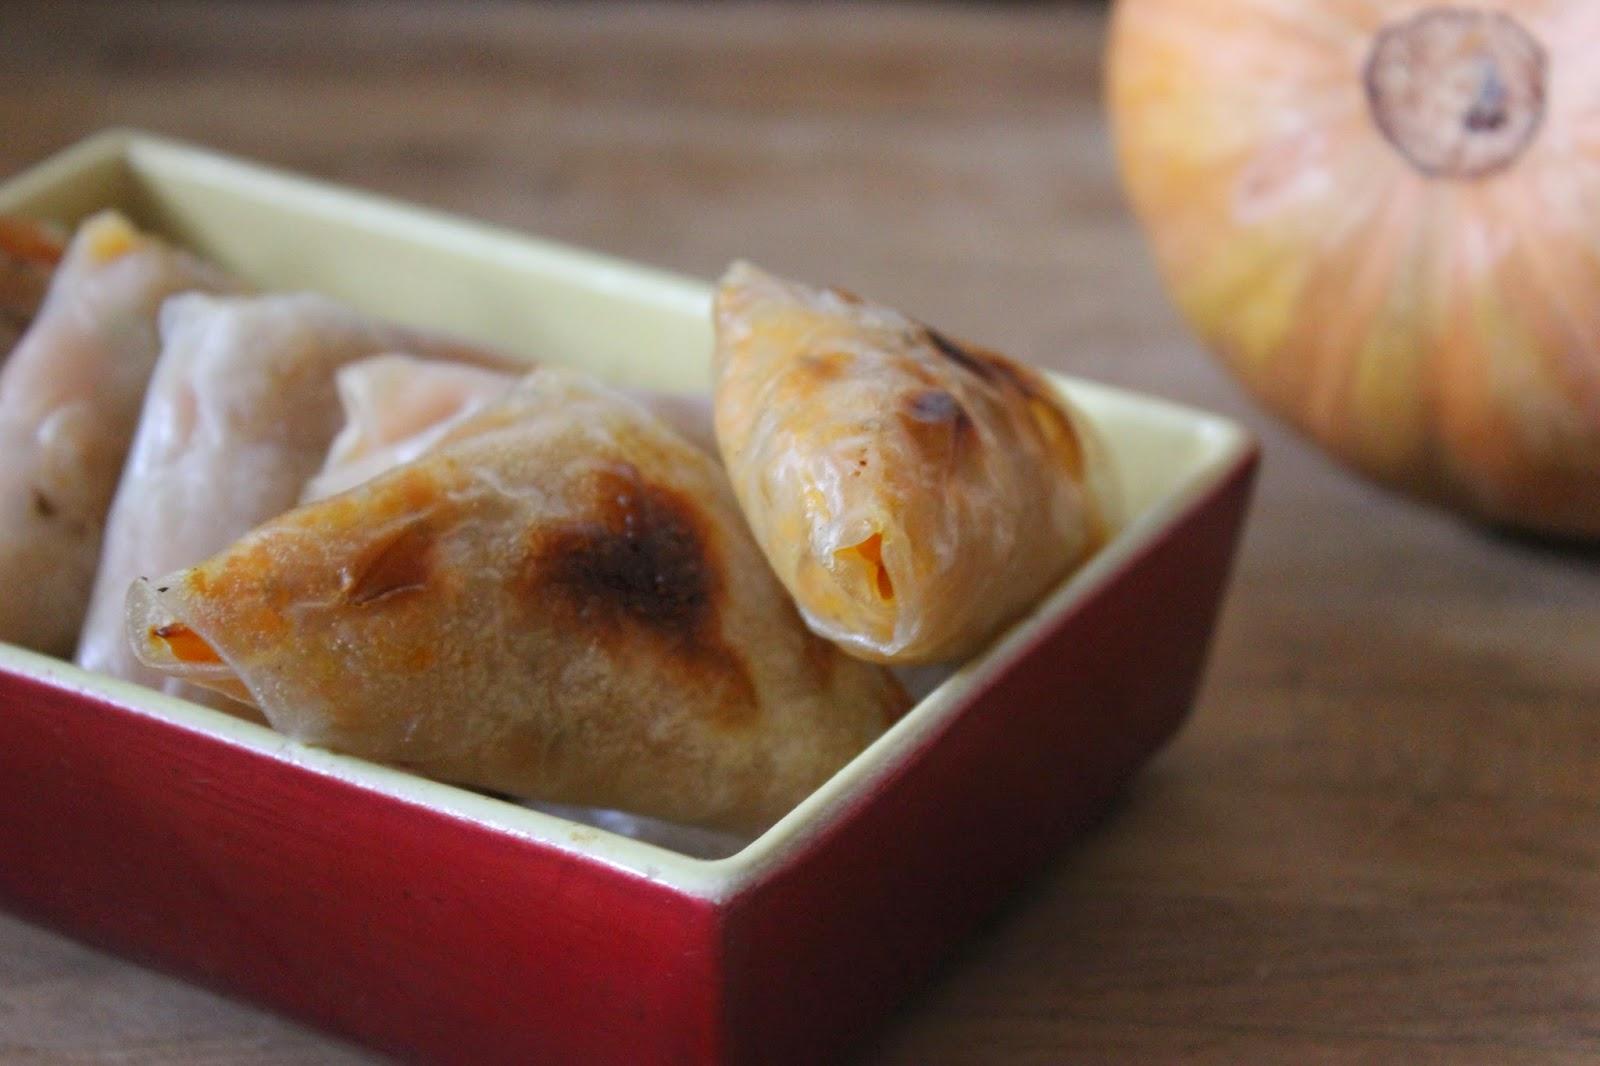 https://cuillereetsaladier.blogspot.com/2015/01/samossas-la-patate-douce-et-la-courge.html